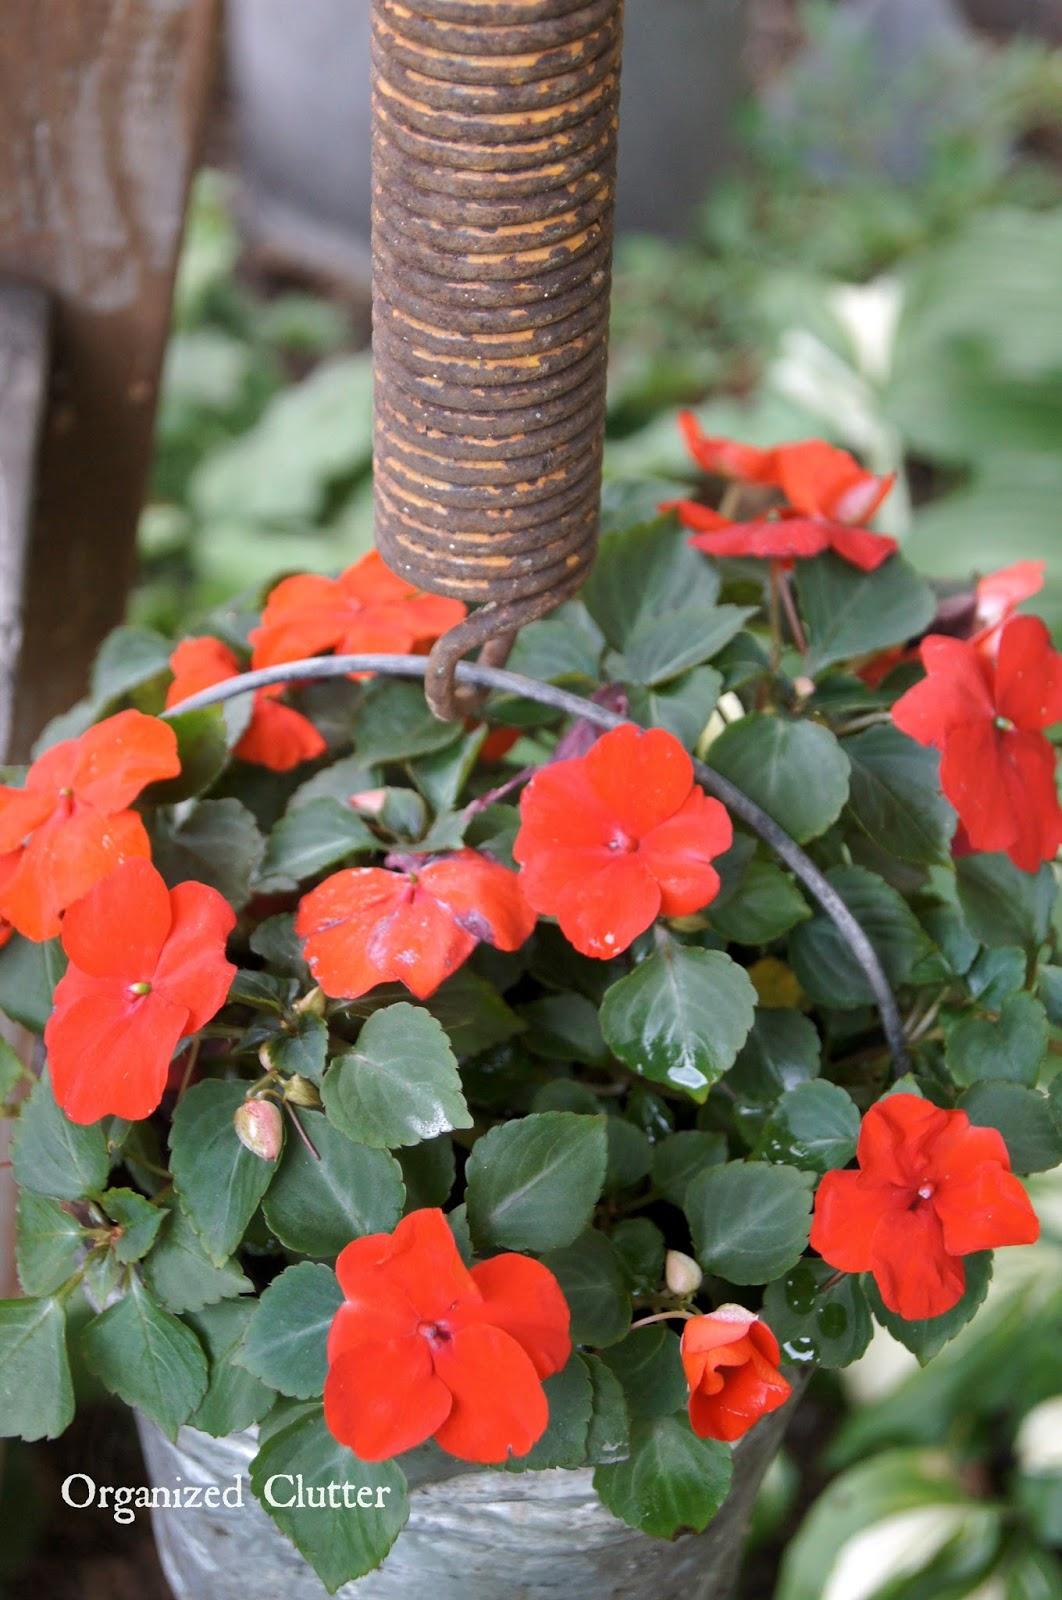 Rusty Spring Pail Hanger www.organizedclutterqueen.blogspot.com